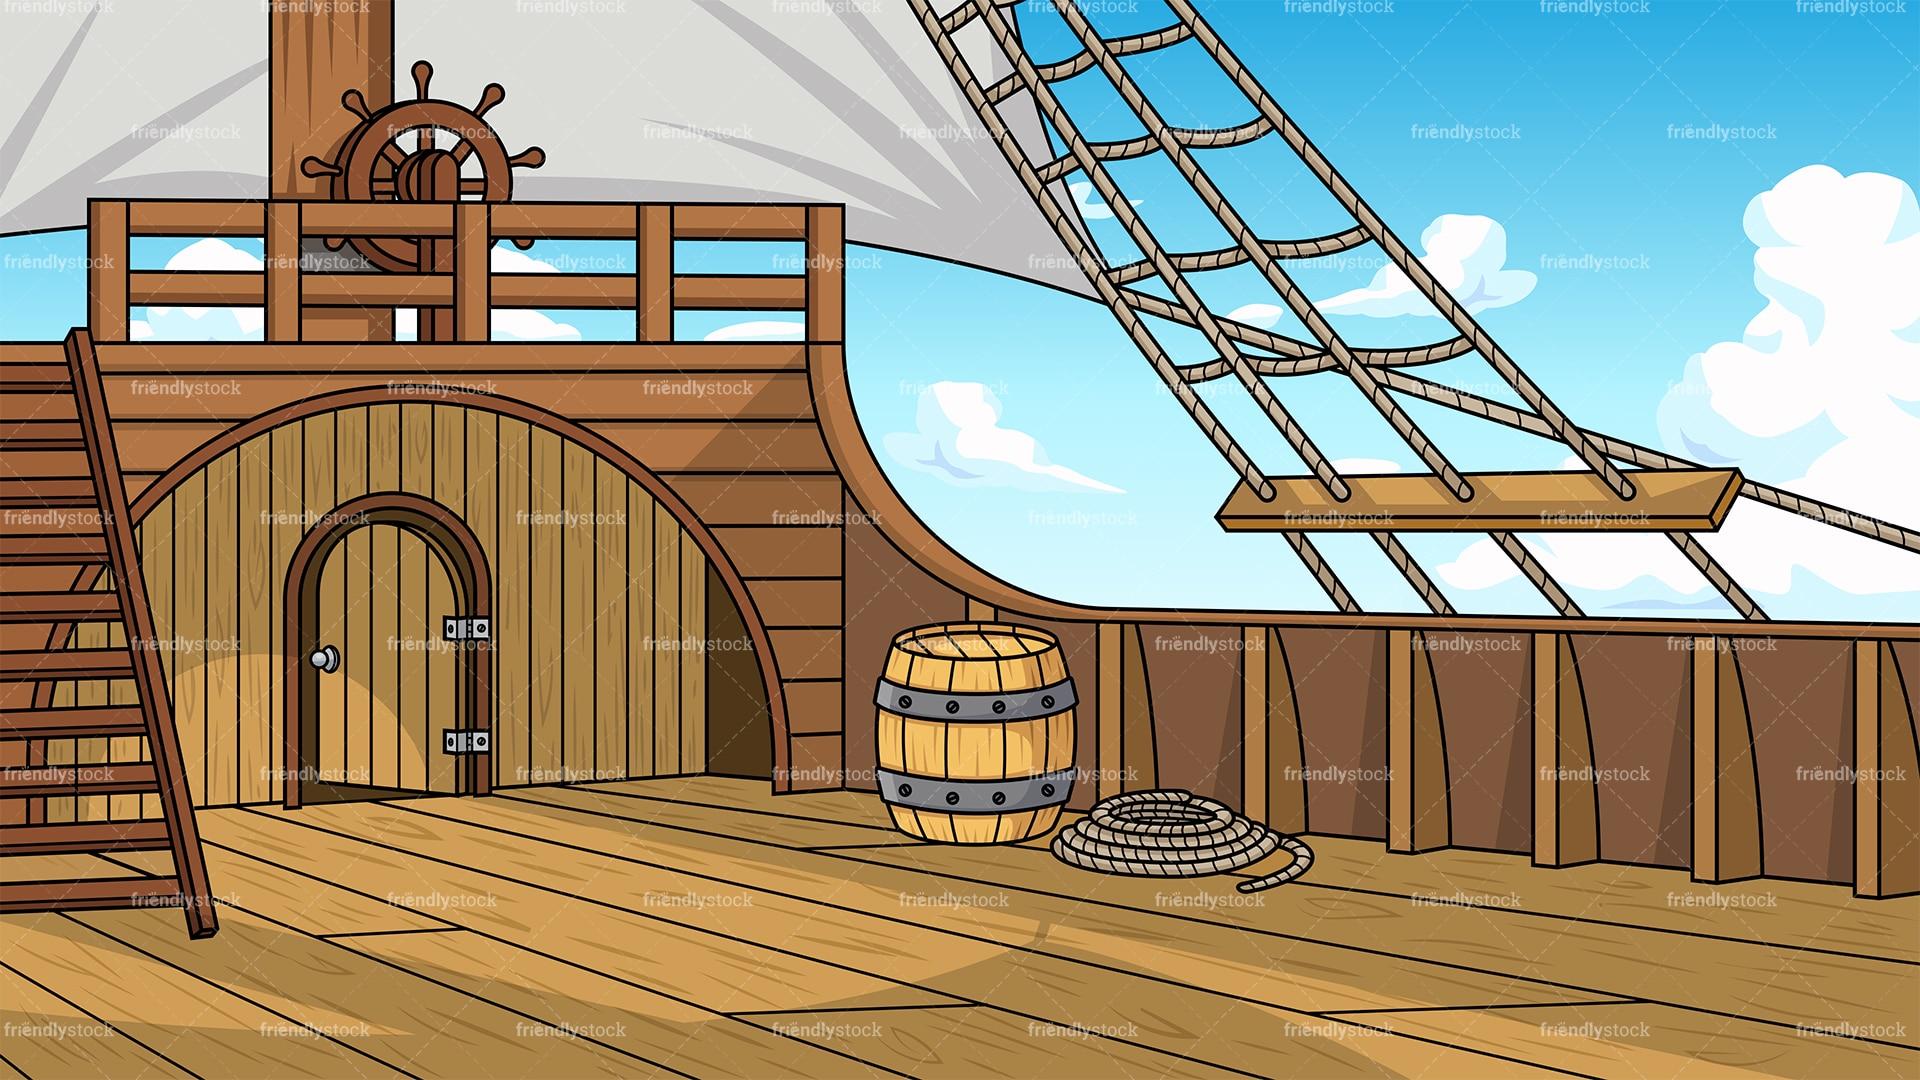 Pirate Ship Deck Backdrop Pirate Ship Deck Backg...